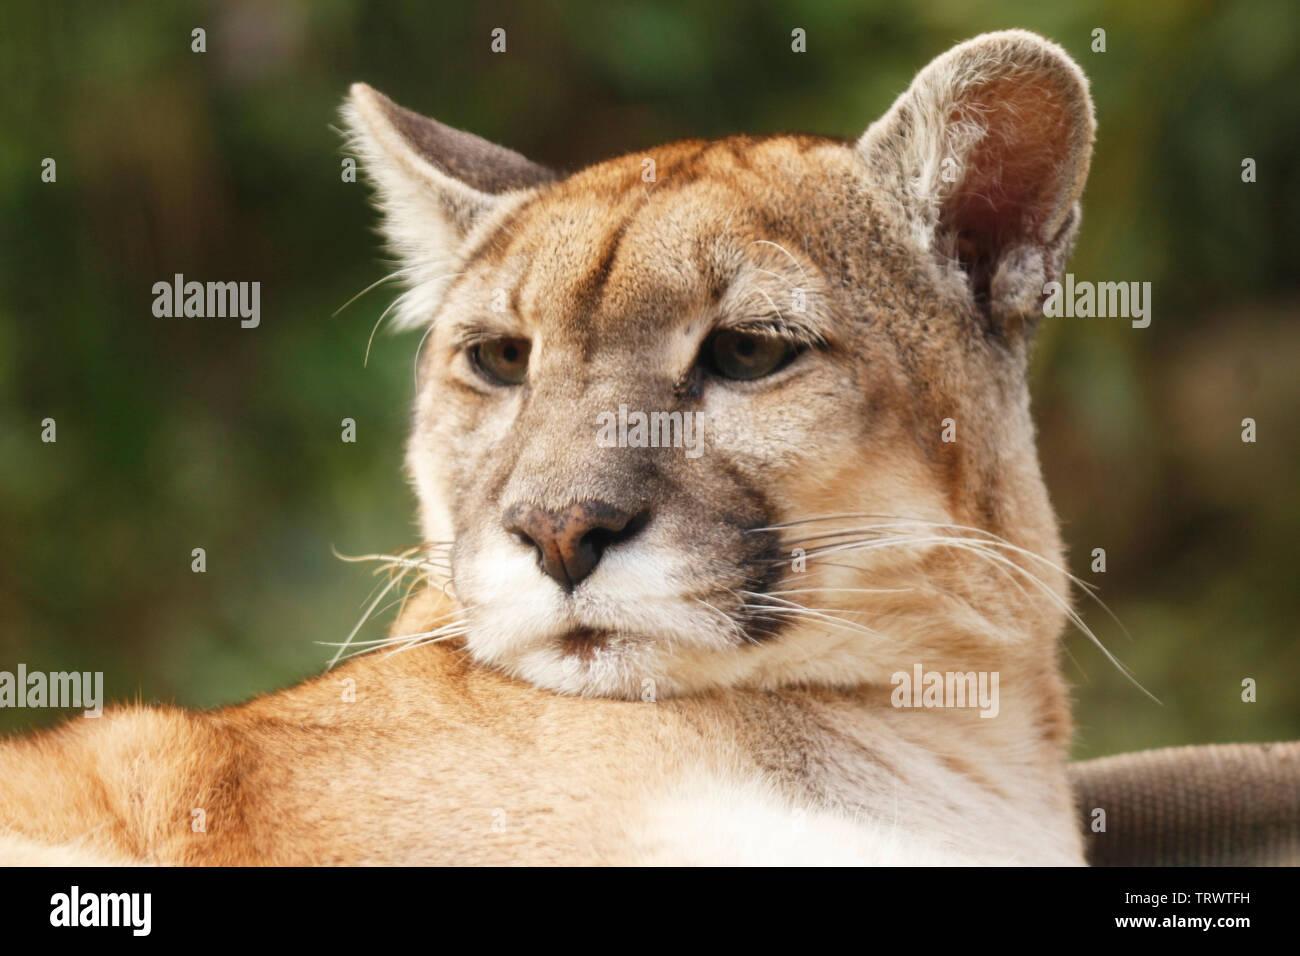 Fur Einen Moment Der Puma Aus Seinem Schlaf Erwacht Und